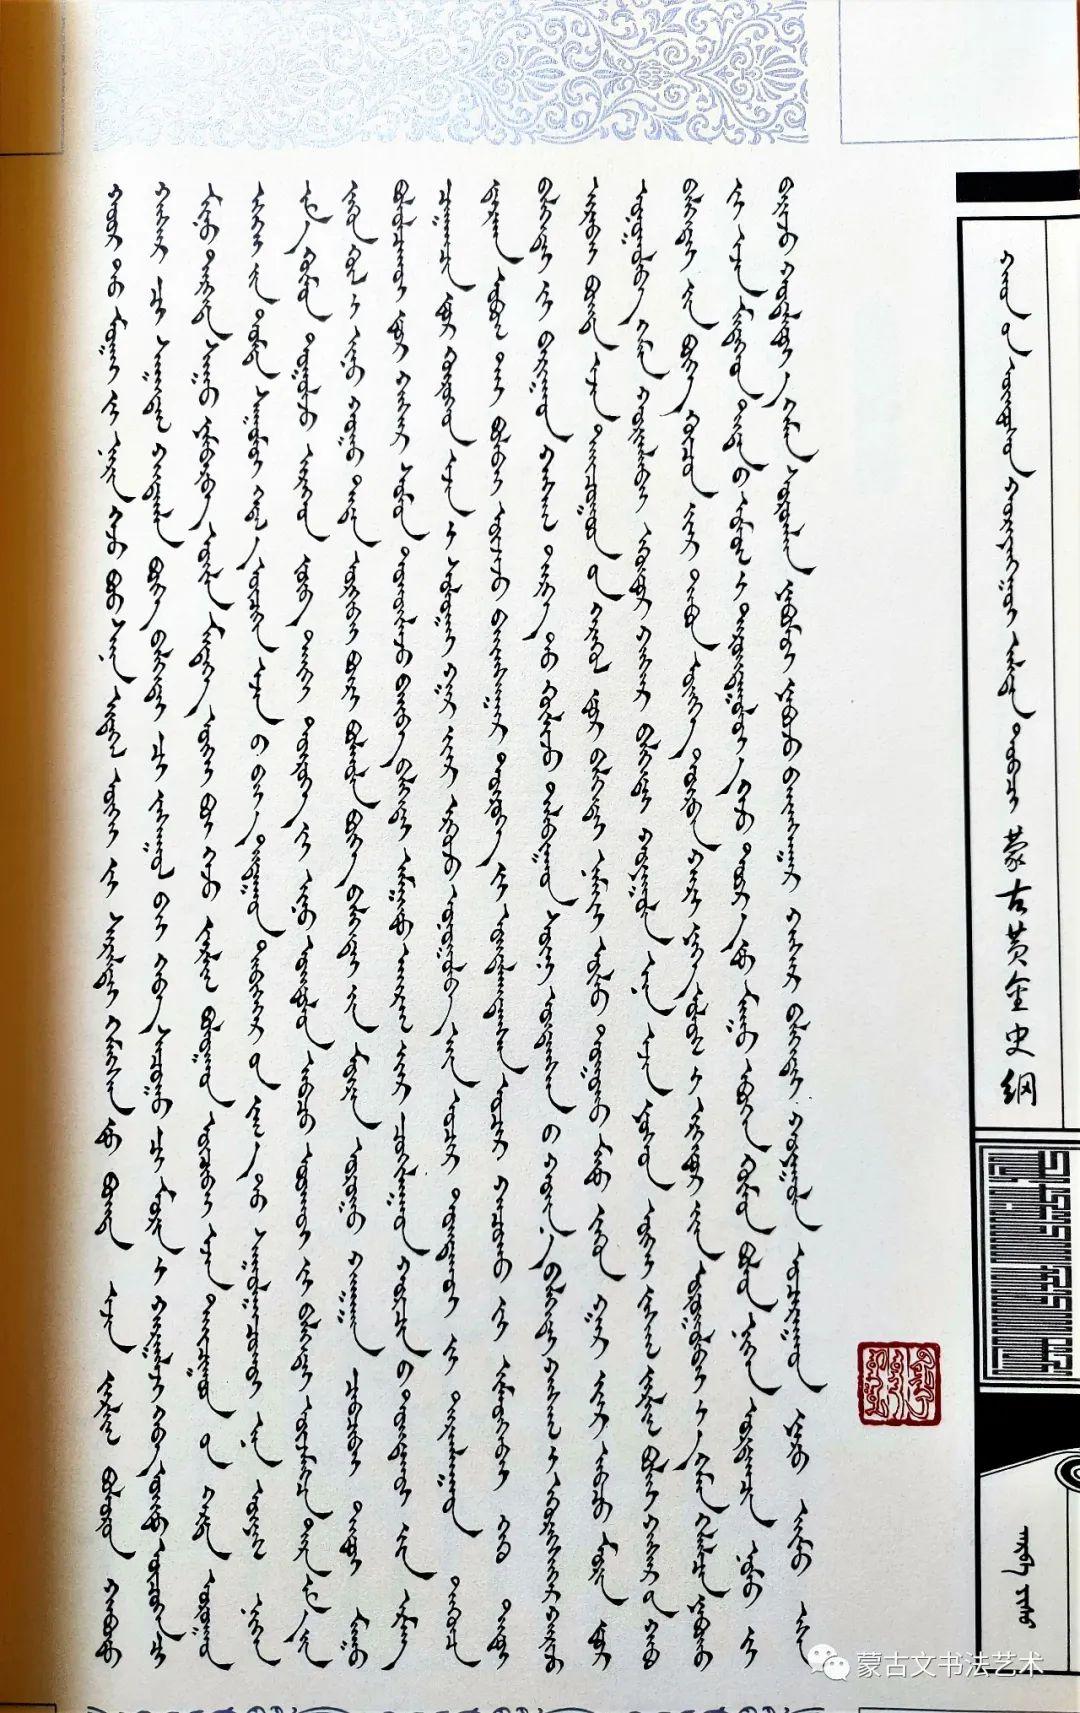 蒙古文经典文献当代书法名家手抄本之那顺德力格尔《蒙古黄金史纲》 第12张